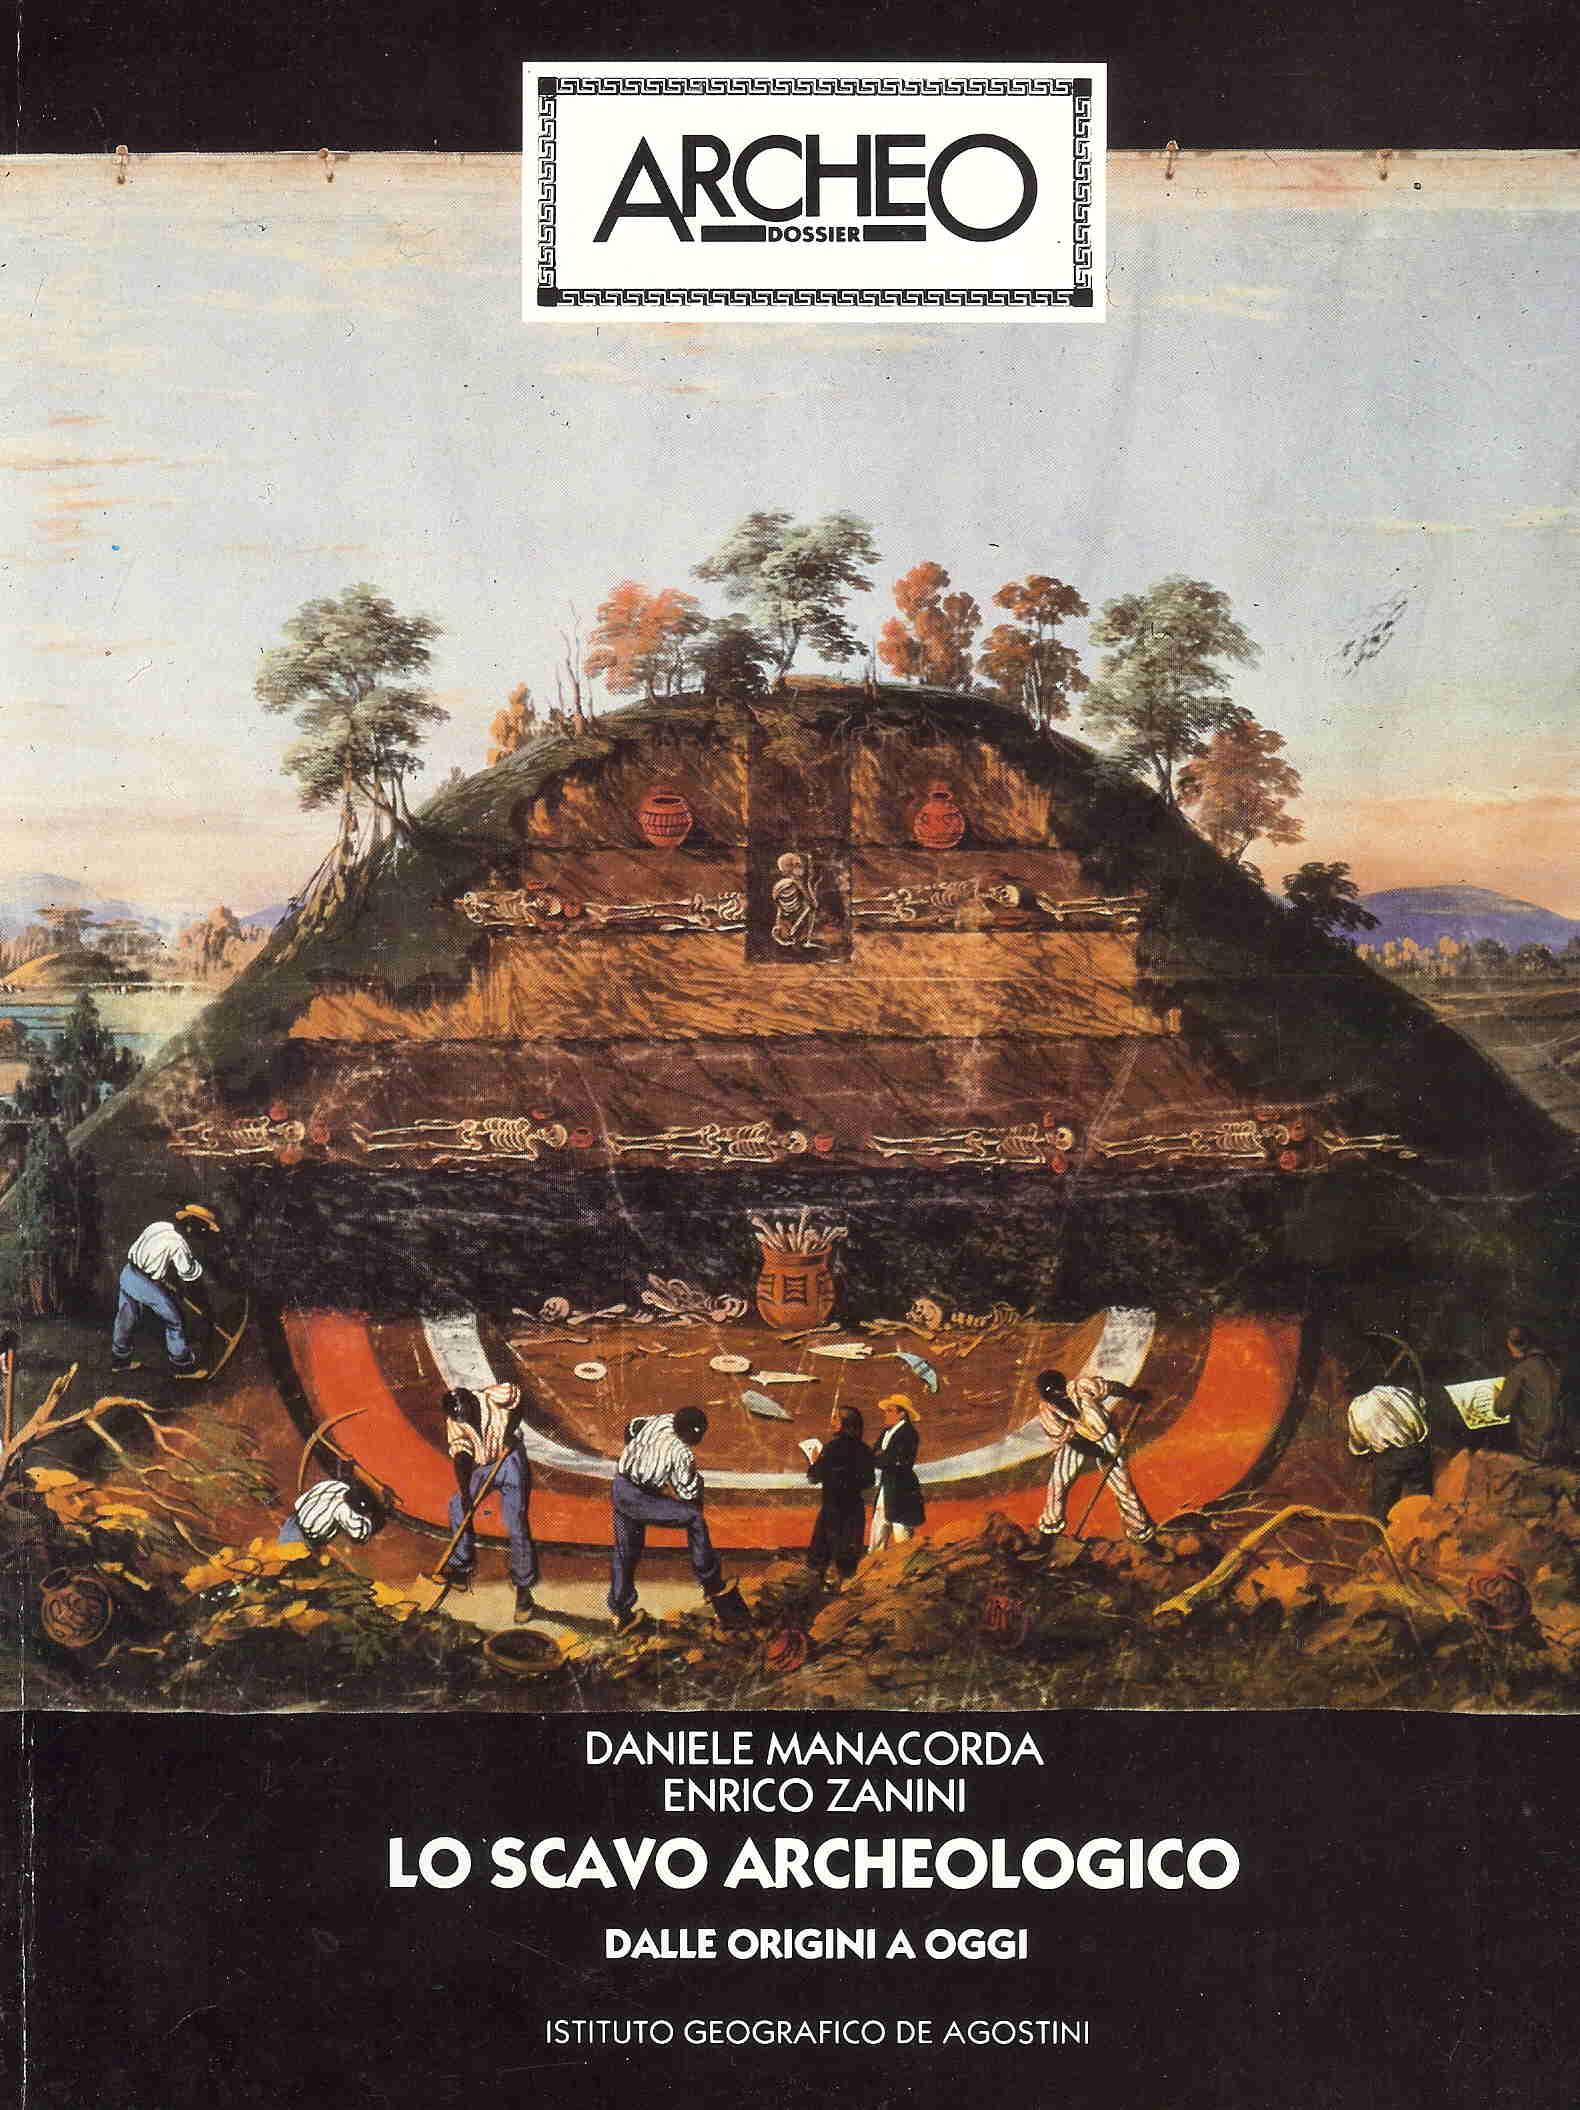 Archeo dossier n.35